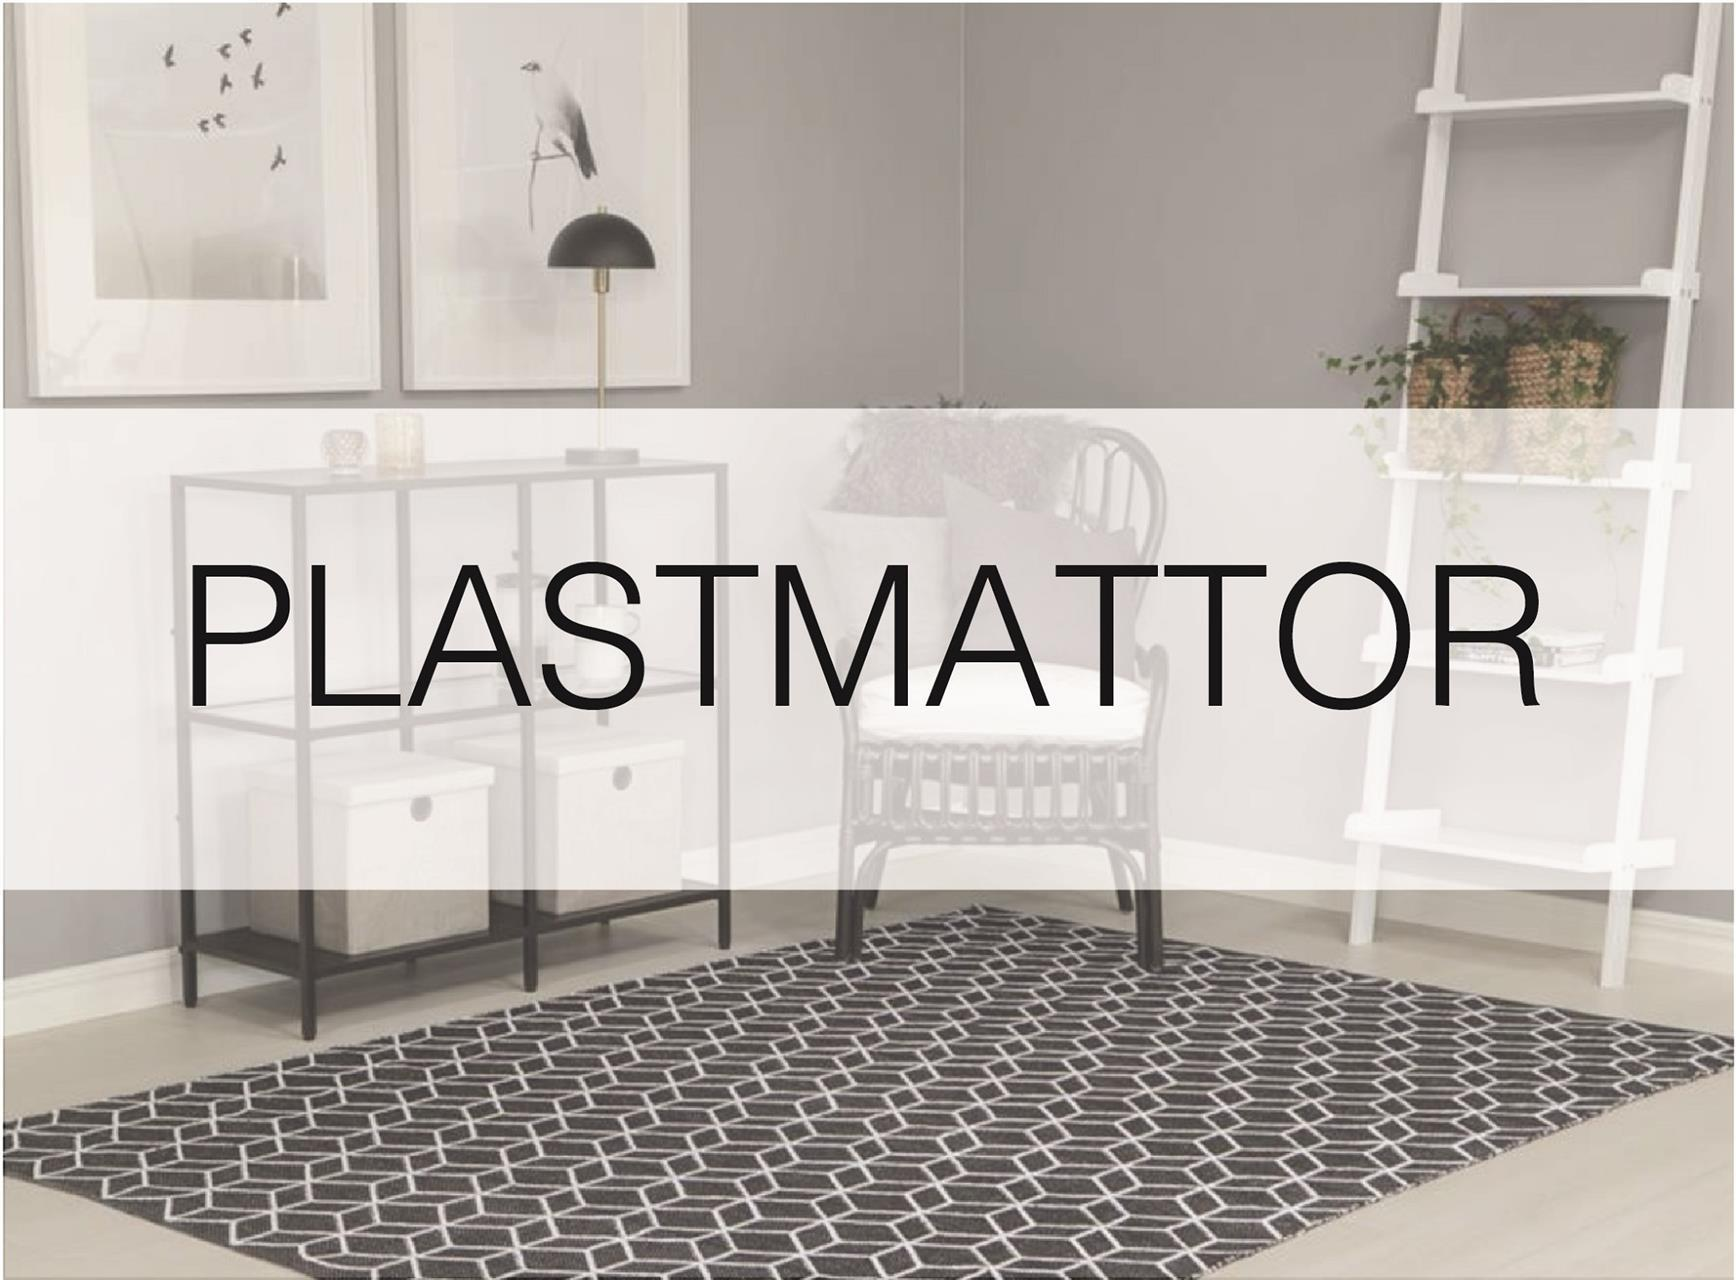 Plastmattor